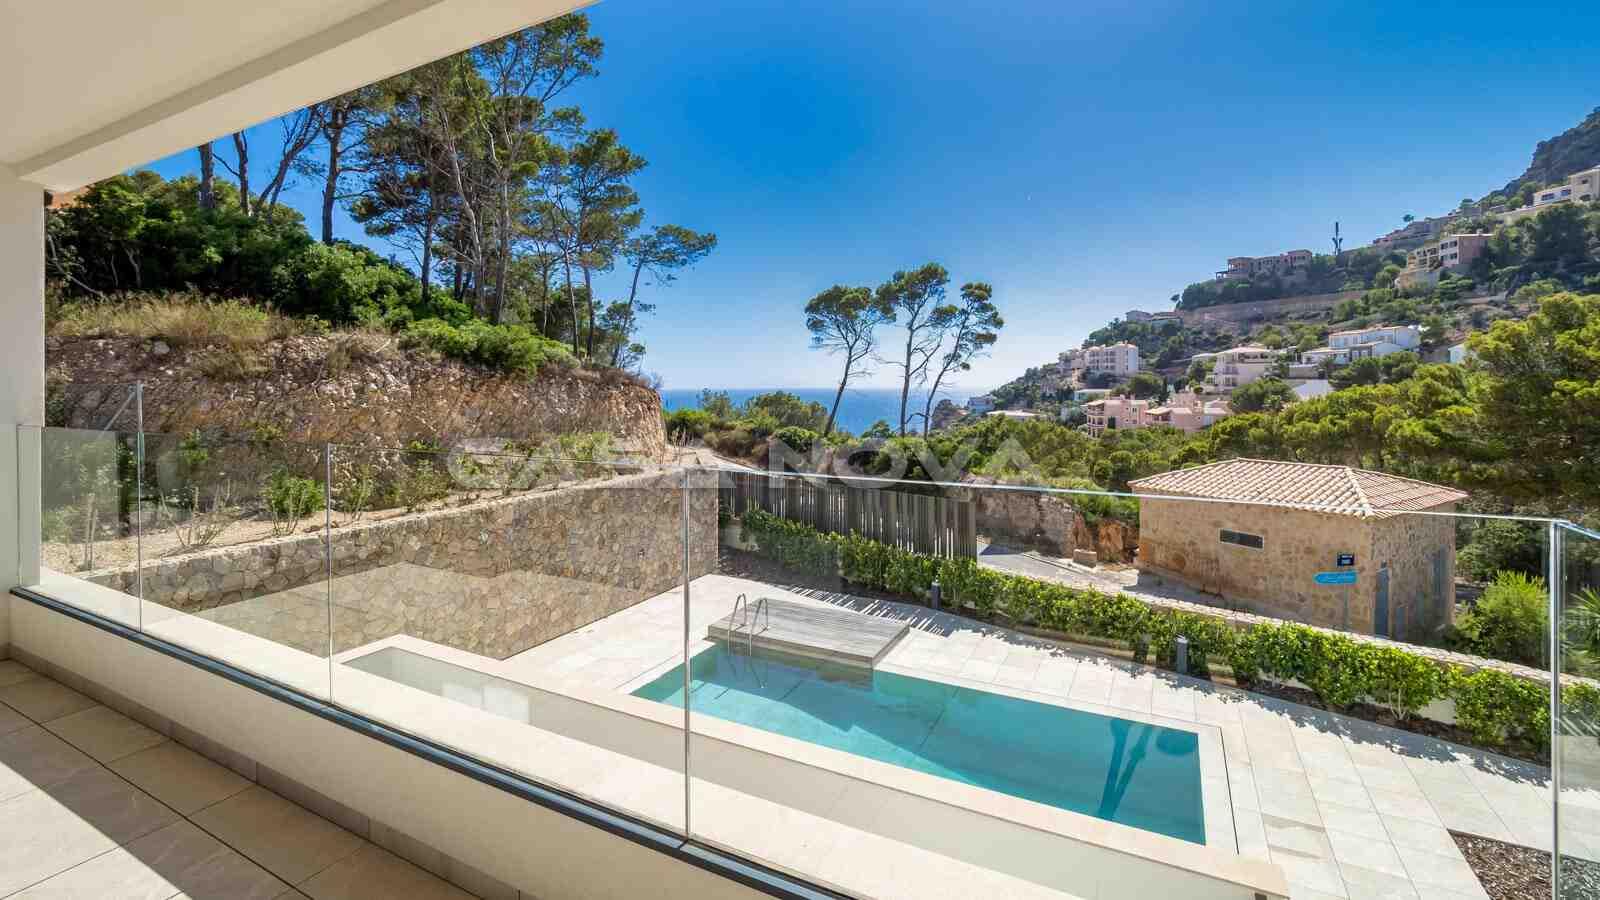 Idyllischer Ausblick in die Umgebung und Pool